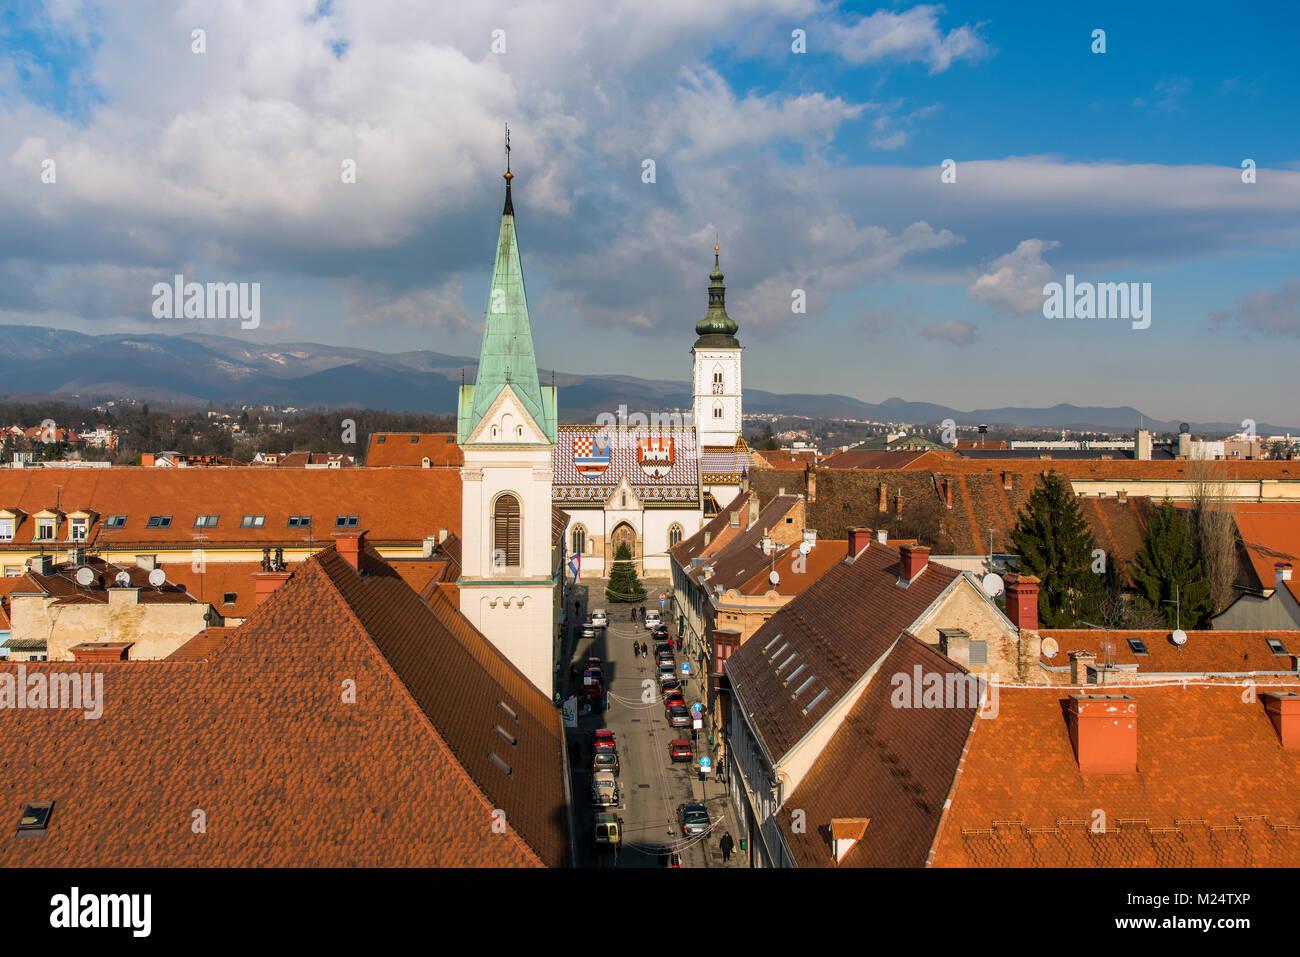 Città vecchia skyline con la Chiesa di San Marco, Zagabria, Croazia Immagini Stock